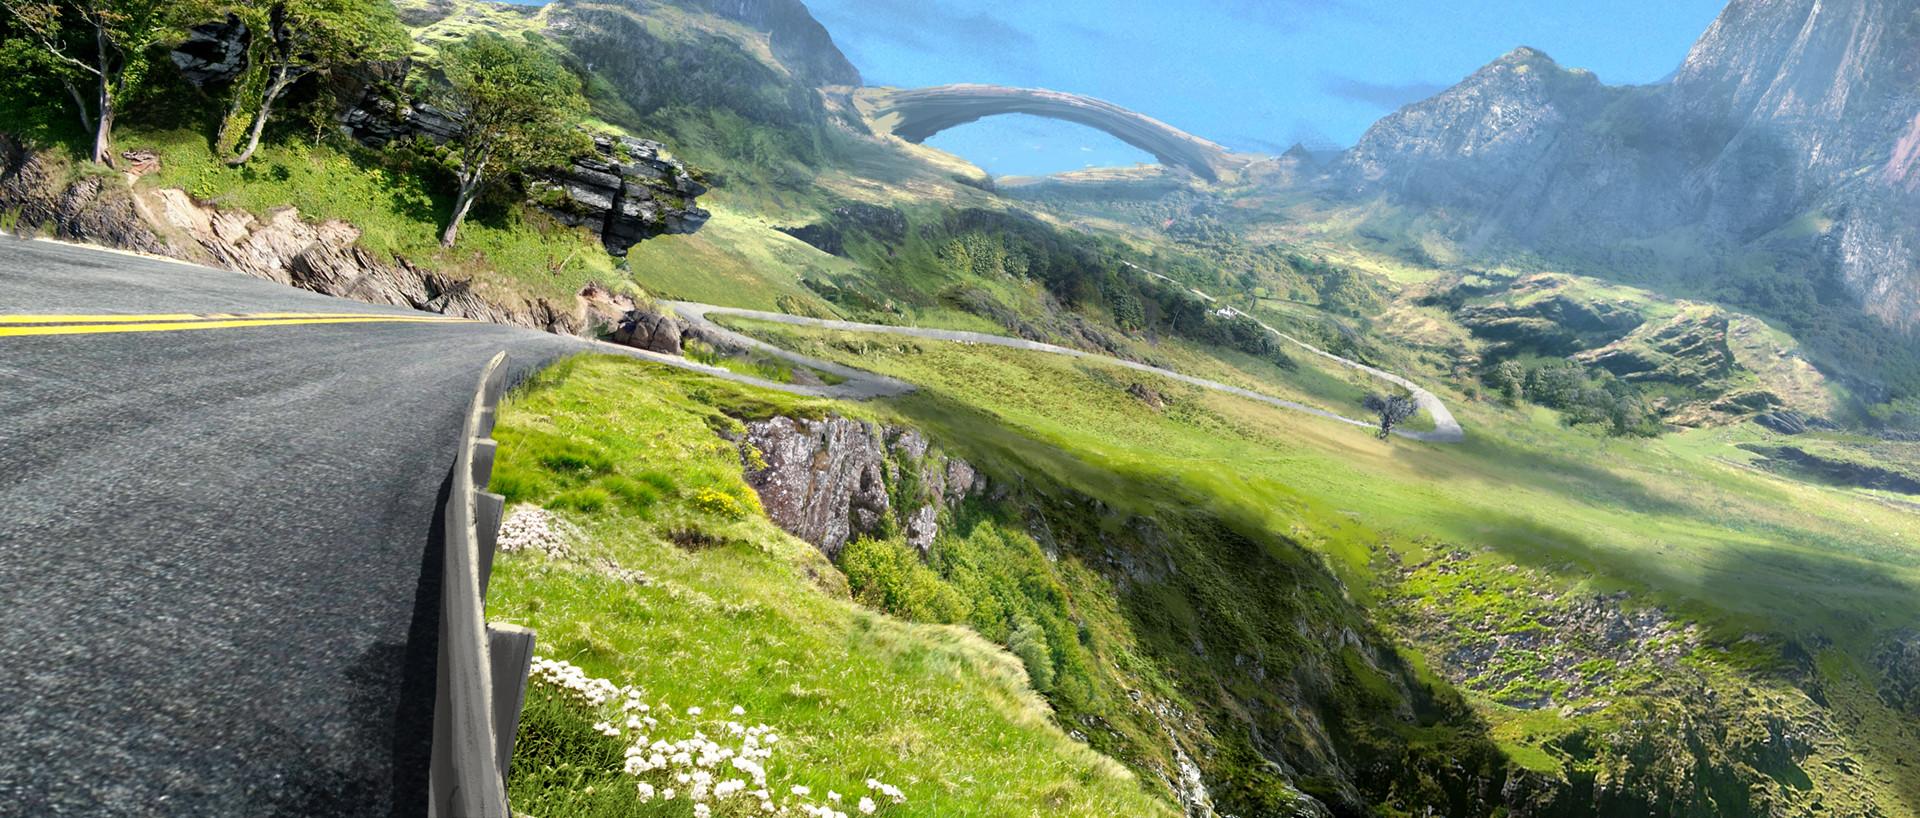 Eva kedves reedhillrox valley cam2 v01